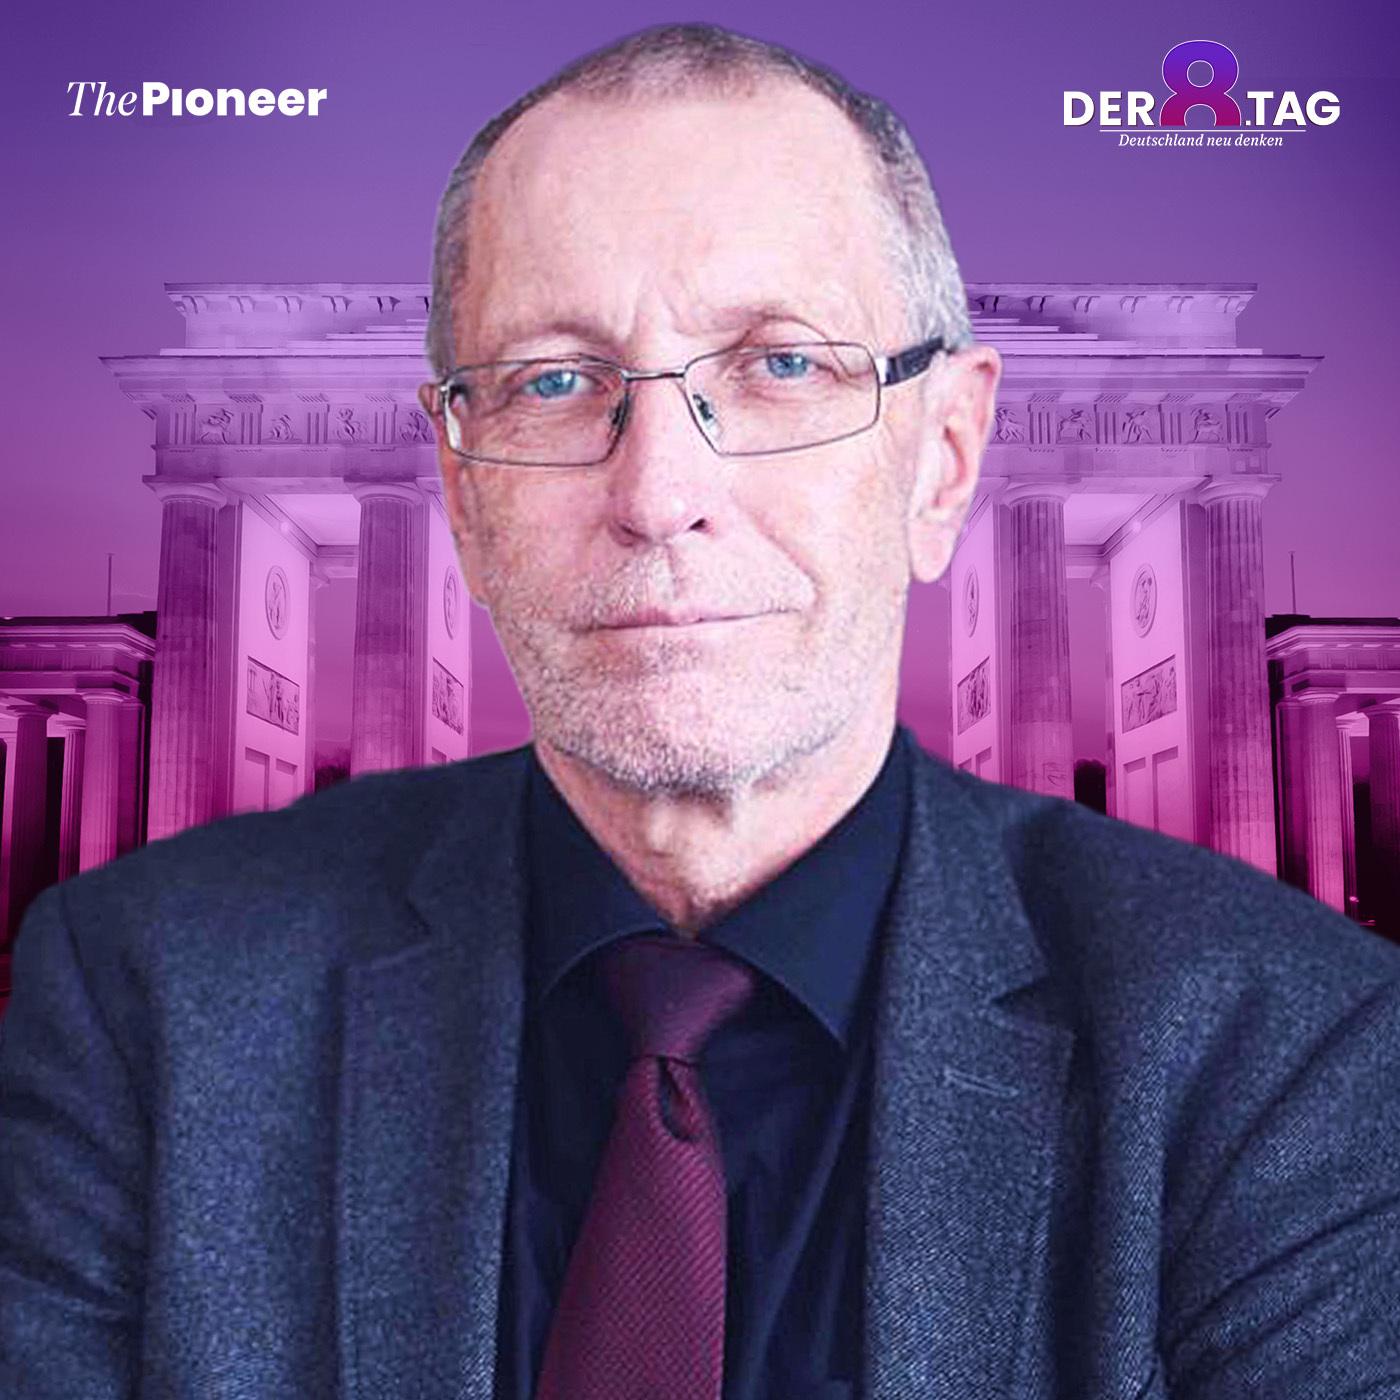 """Der achte Tag #46 - Konrad Paul Liessmann: """"Lust auf Bildung"""""""